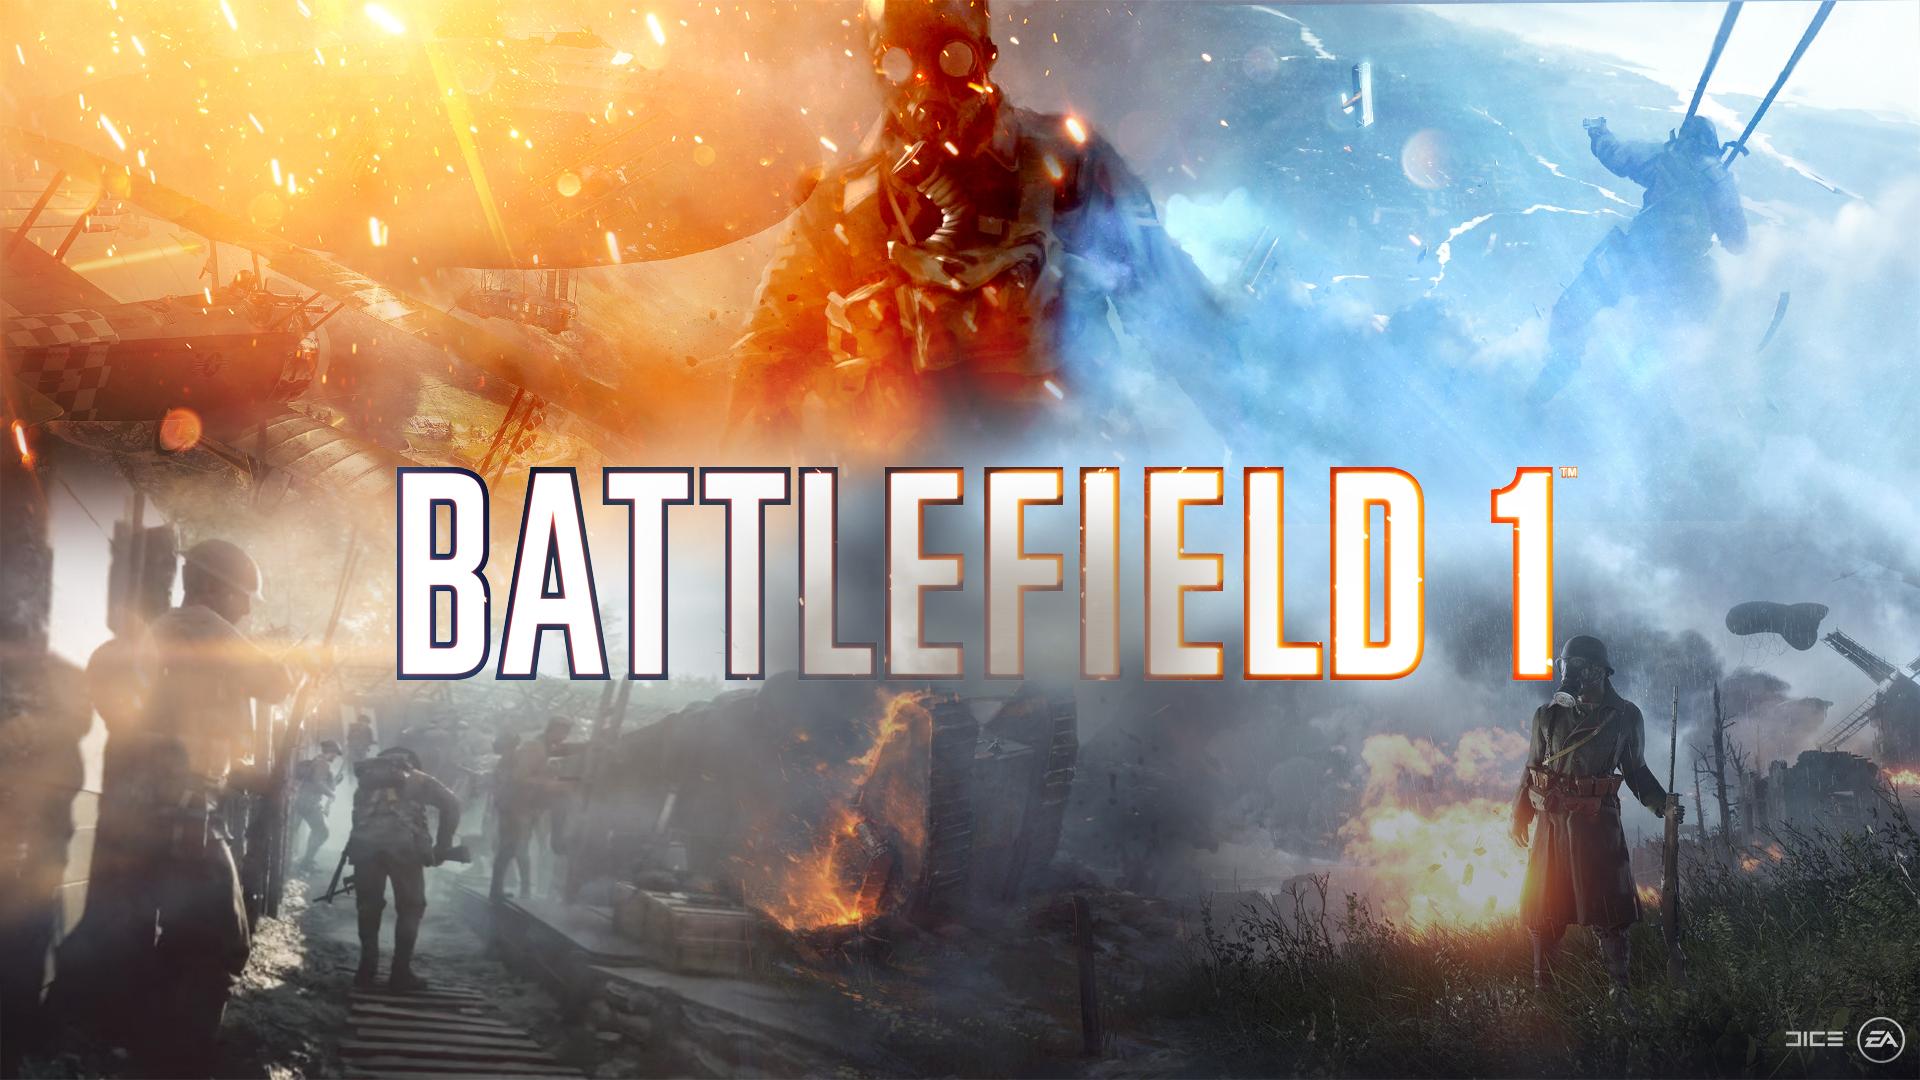 Battlefield 1 Fan Art Wallpaper By Eqium Watch Games